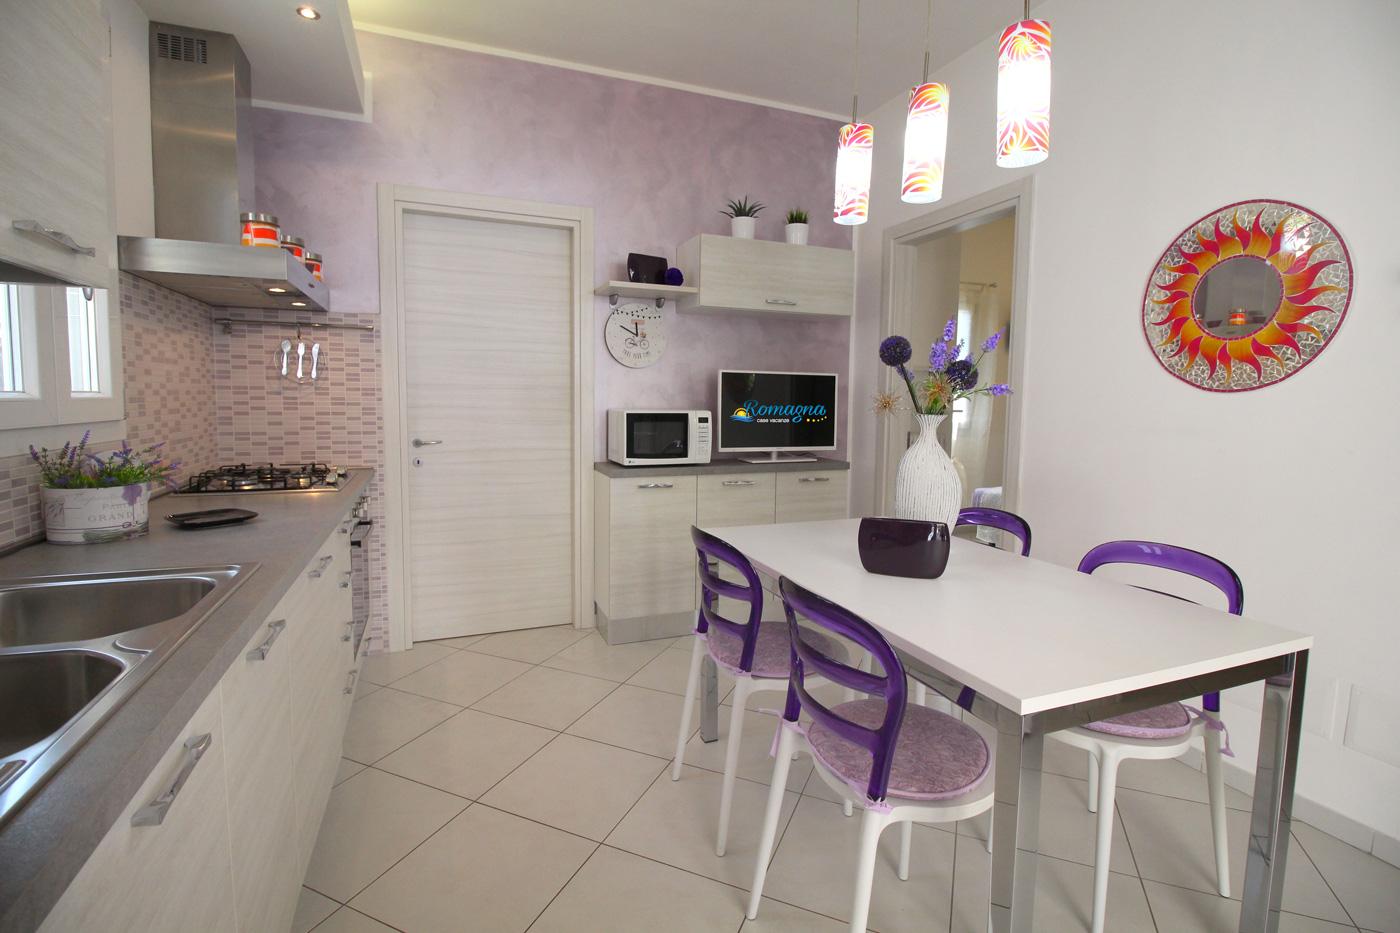 Appartamento la casina di gatteo_romagna case vacanze_IMG_8116